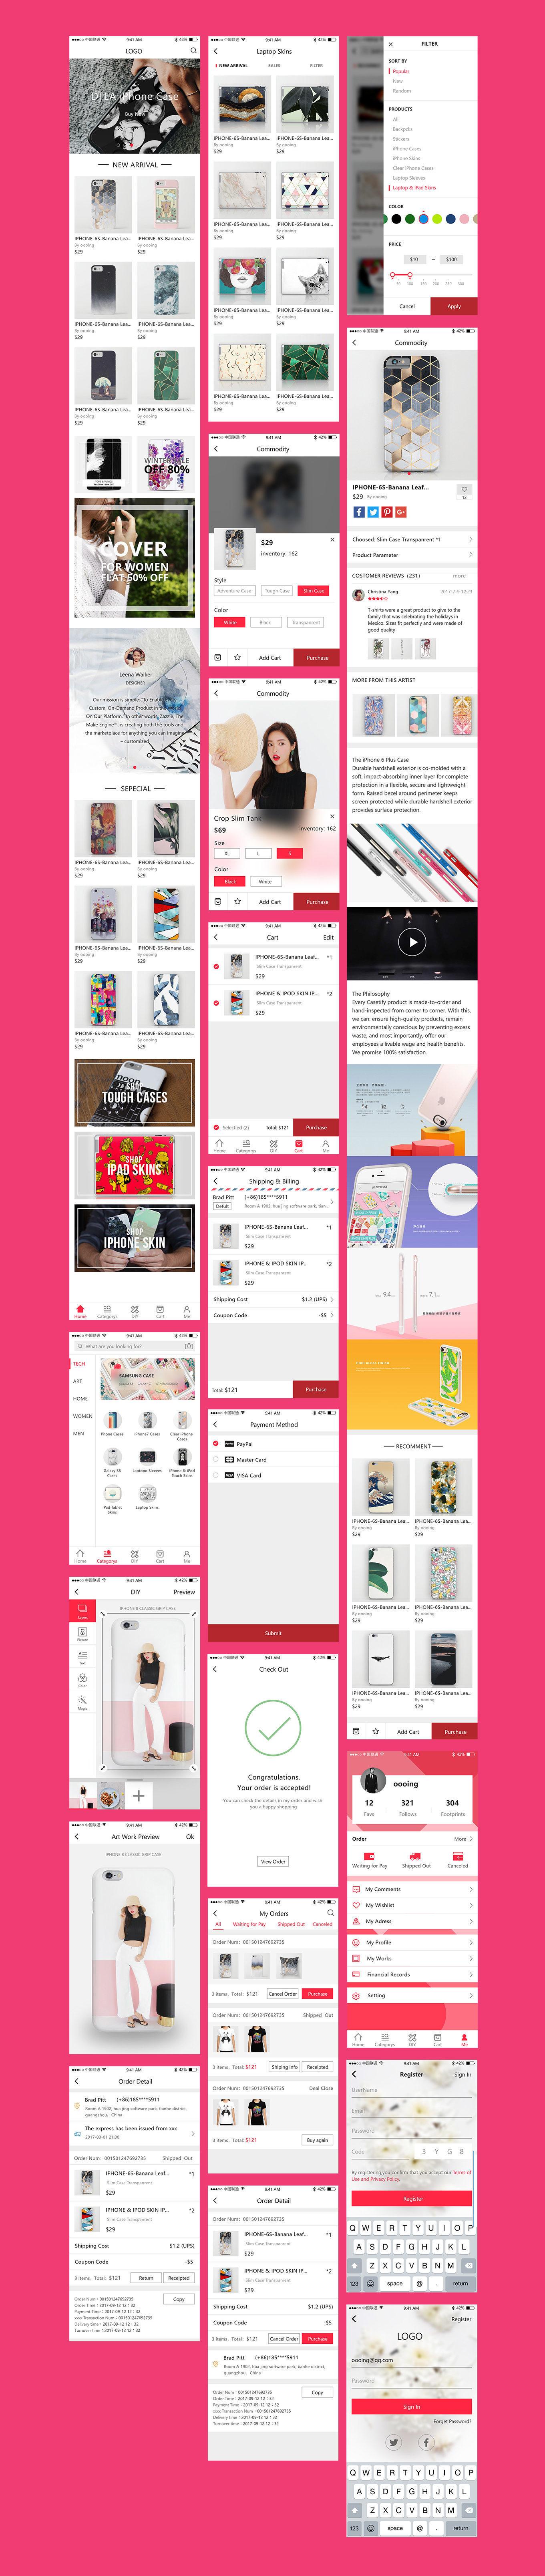 DIY Ecommerce App – Простой комплект UI для электронной торговли сделанный в XD